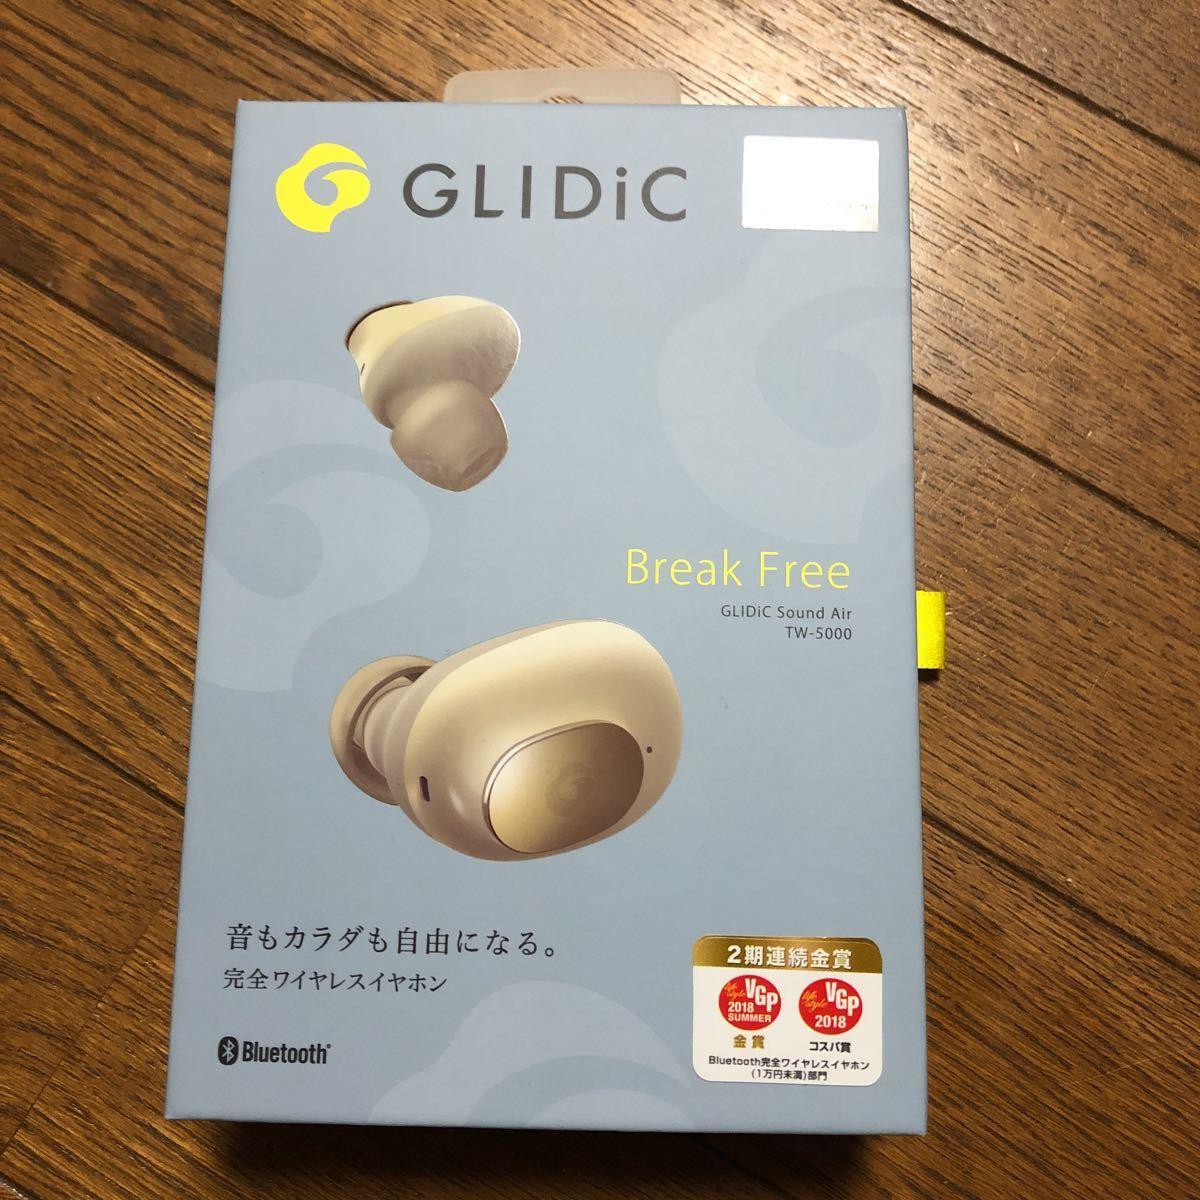 【新品未使用】ソフトバンク完全ワイヤレスイヤホン GLIDIC Sound Air TW-5000/シャンパンゴールド